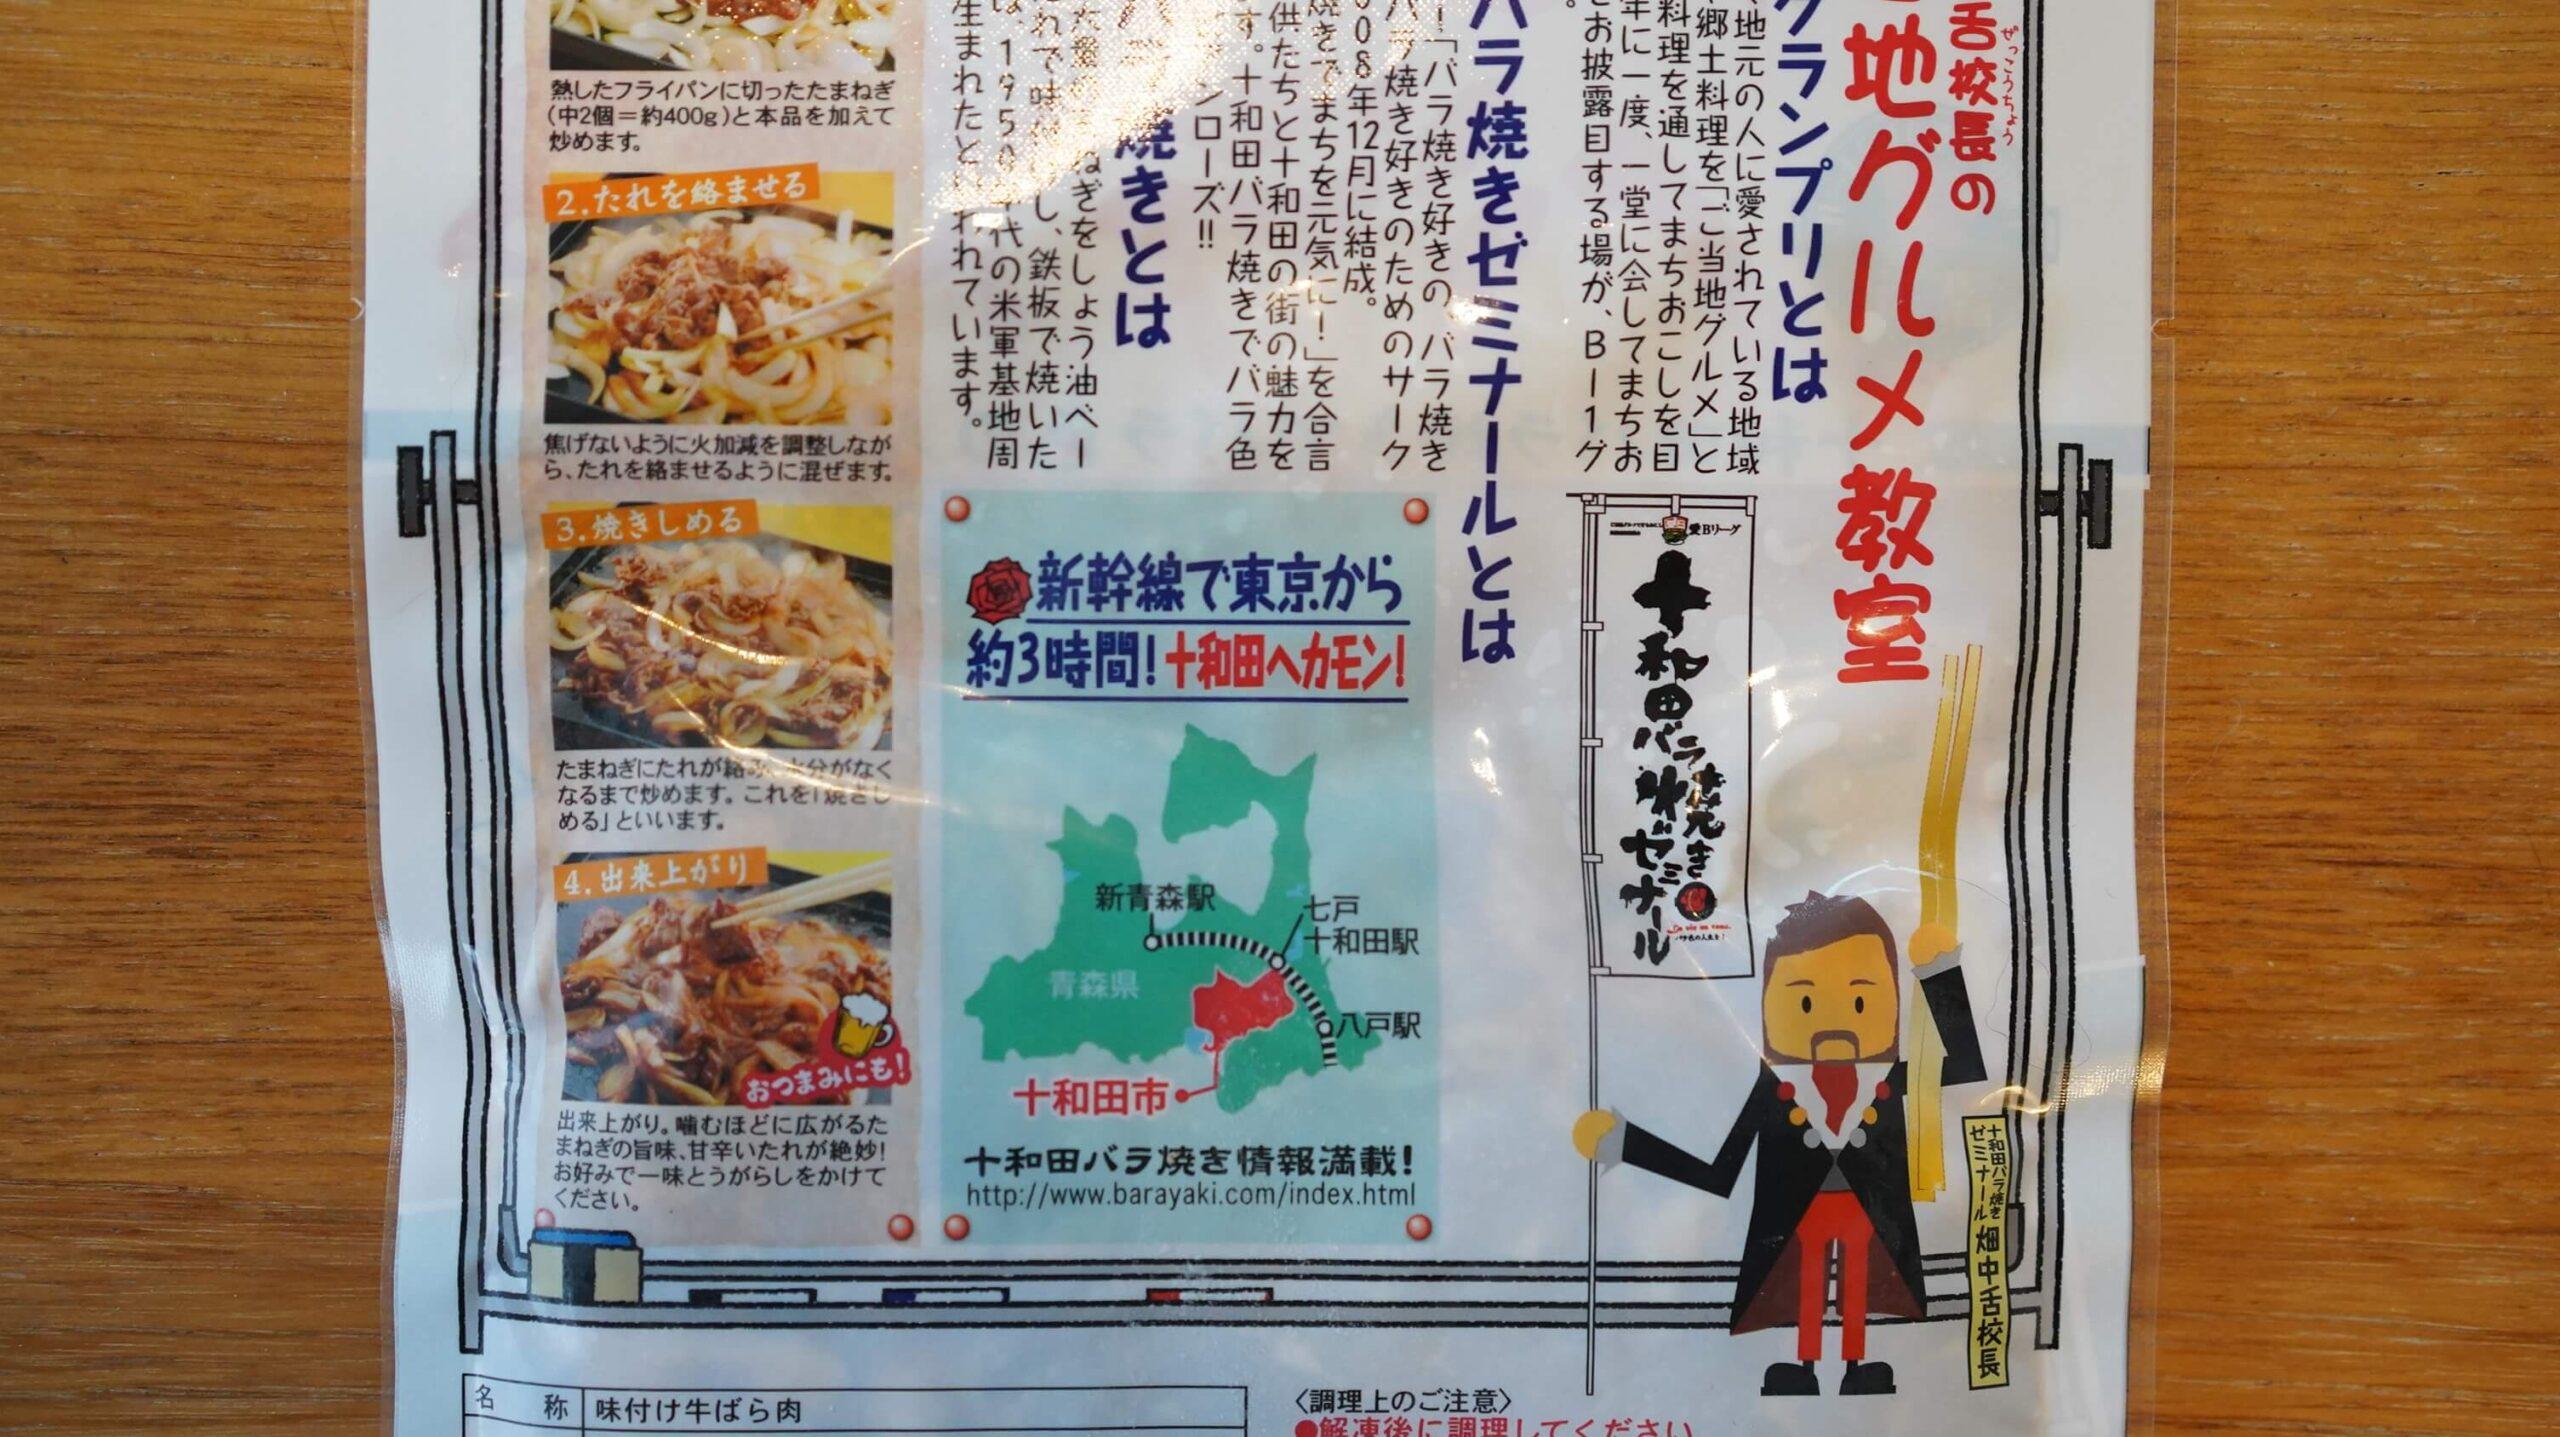 青森のB級グルメ「十和田バラ焼き」の冷凍食品のパッケージ裏面を拡大した写真